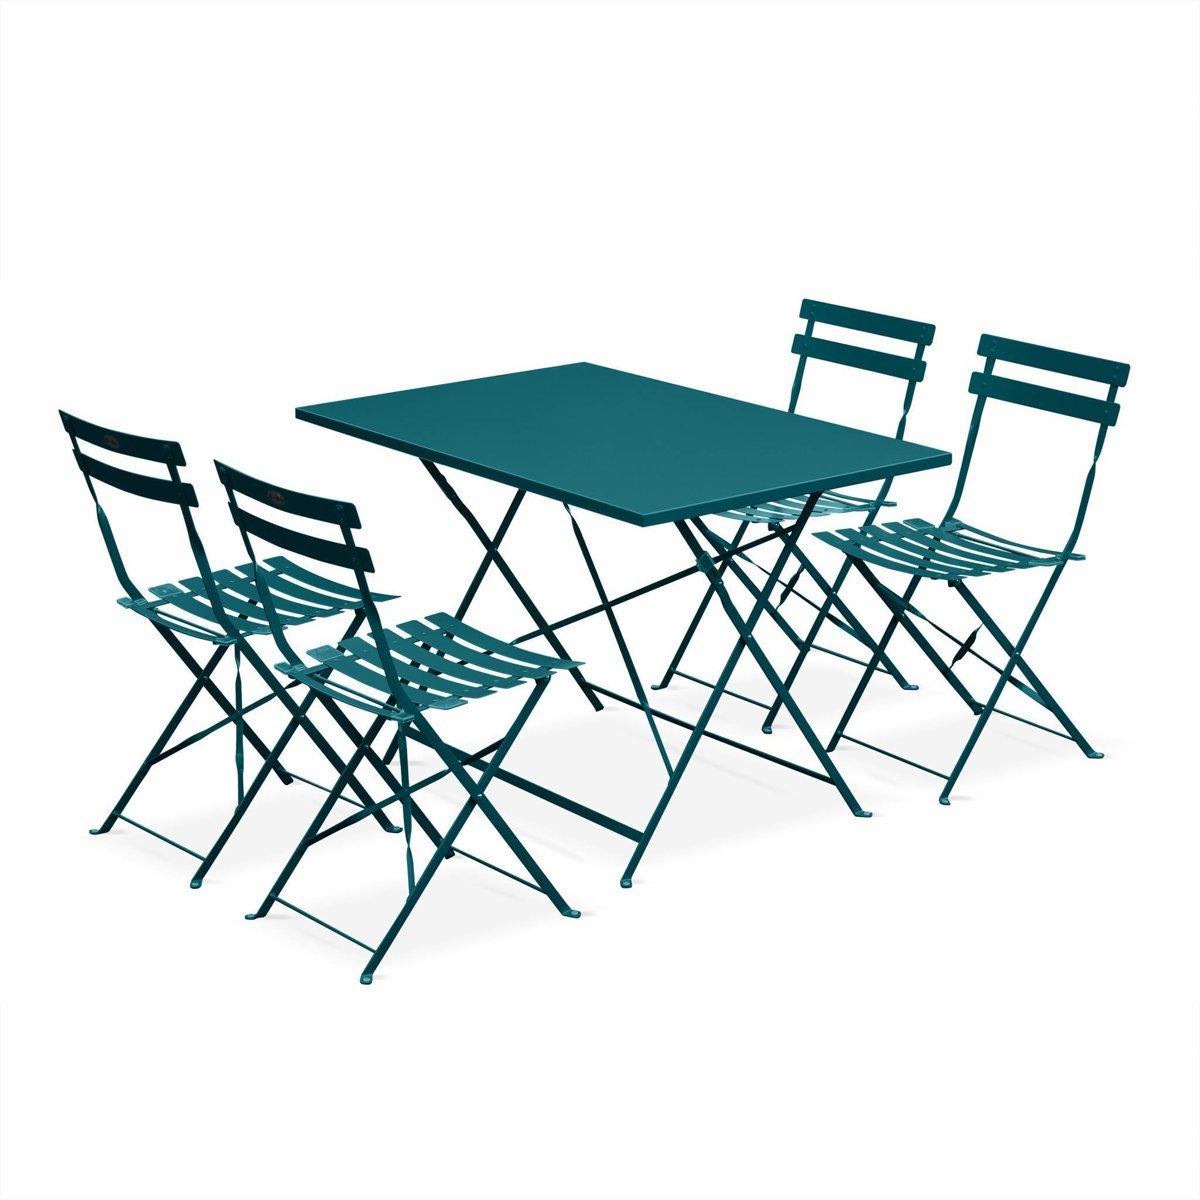 Bistro tuin set, rechthoekige tafel en 4 opklapbare stoelen kopen